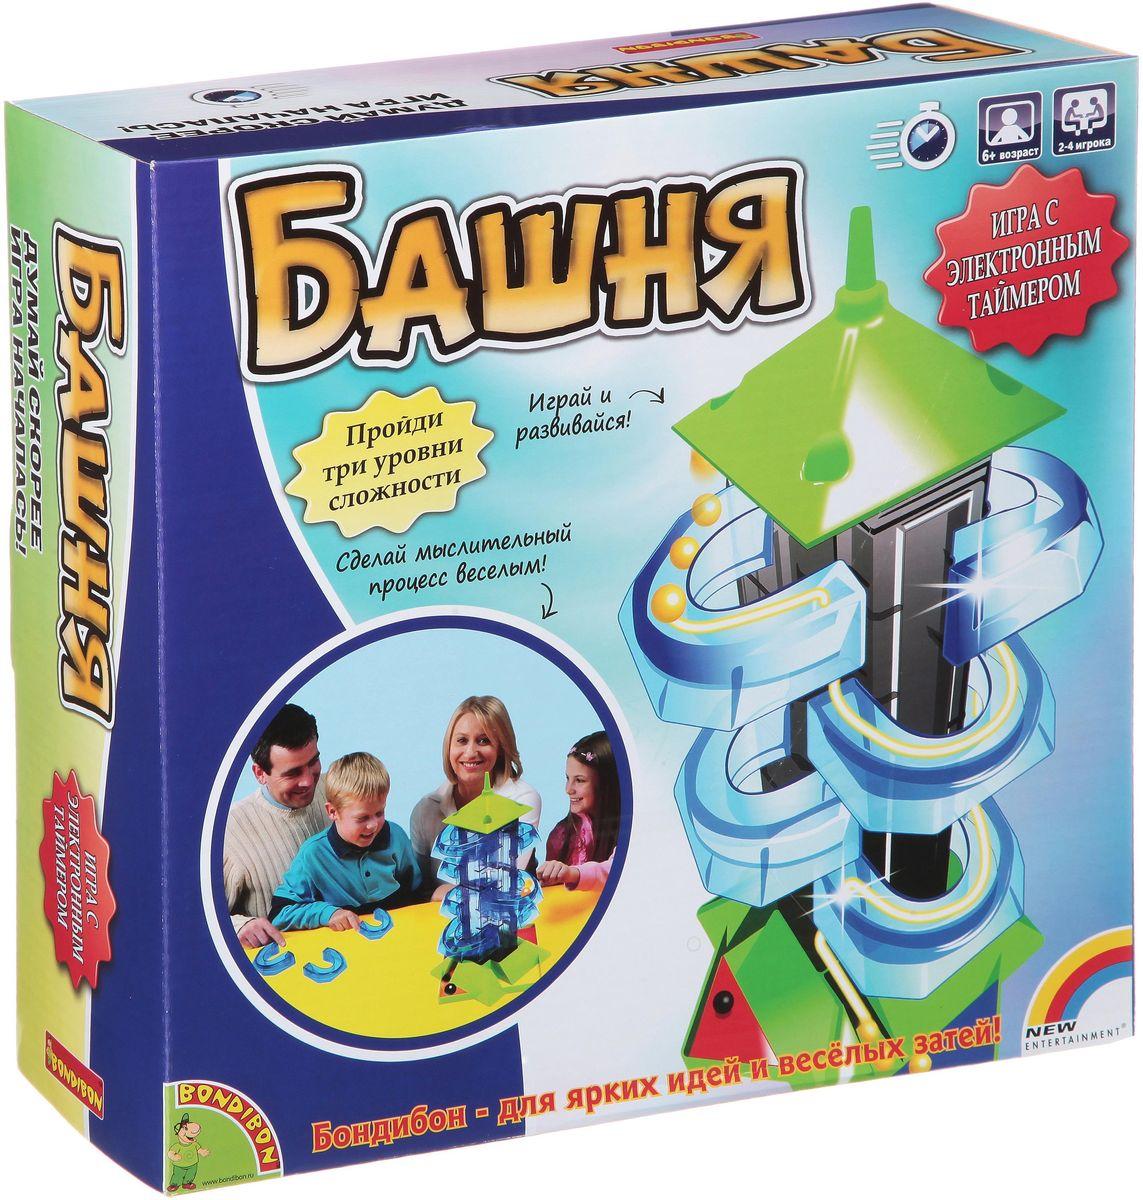 Bondibon Развивающая игра БашняВВ1405Самыми интересными играми являются те, в которые можно играть семьей или компанией друзей. Игра Башня относится именно к таким играм, которые совмещают в себе мыслительный процесс и прекрасное развлечение! Суть игры очень проста: каждый игрок должен выбрать один из четырех цветов на основании башни и расположить на башне специальные балконы. После чего все игроки запускают шарики с самого верха башни и помогают им преодолеть все балконы. Не забывайте – в игре присутствует электронный таймер, и игрокам необходимо добавлять в игру шарики как можно быстрее! Победителем является игрок, набравший наибольшее количество очков. Эта игра станет замечательным поводом собраться всей семье вместе! Для игры вам потребуются 2 батарейки AAA/LR03 (не входят в набор).